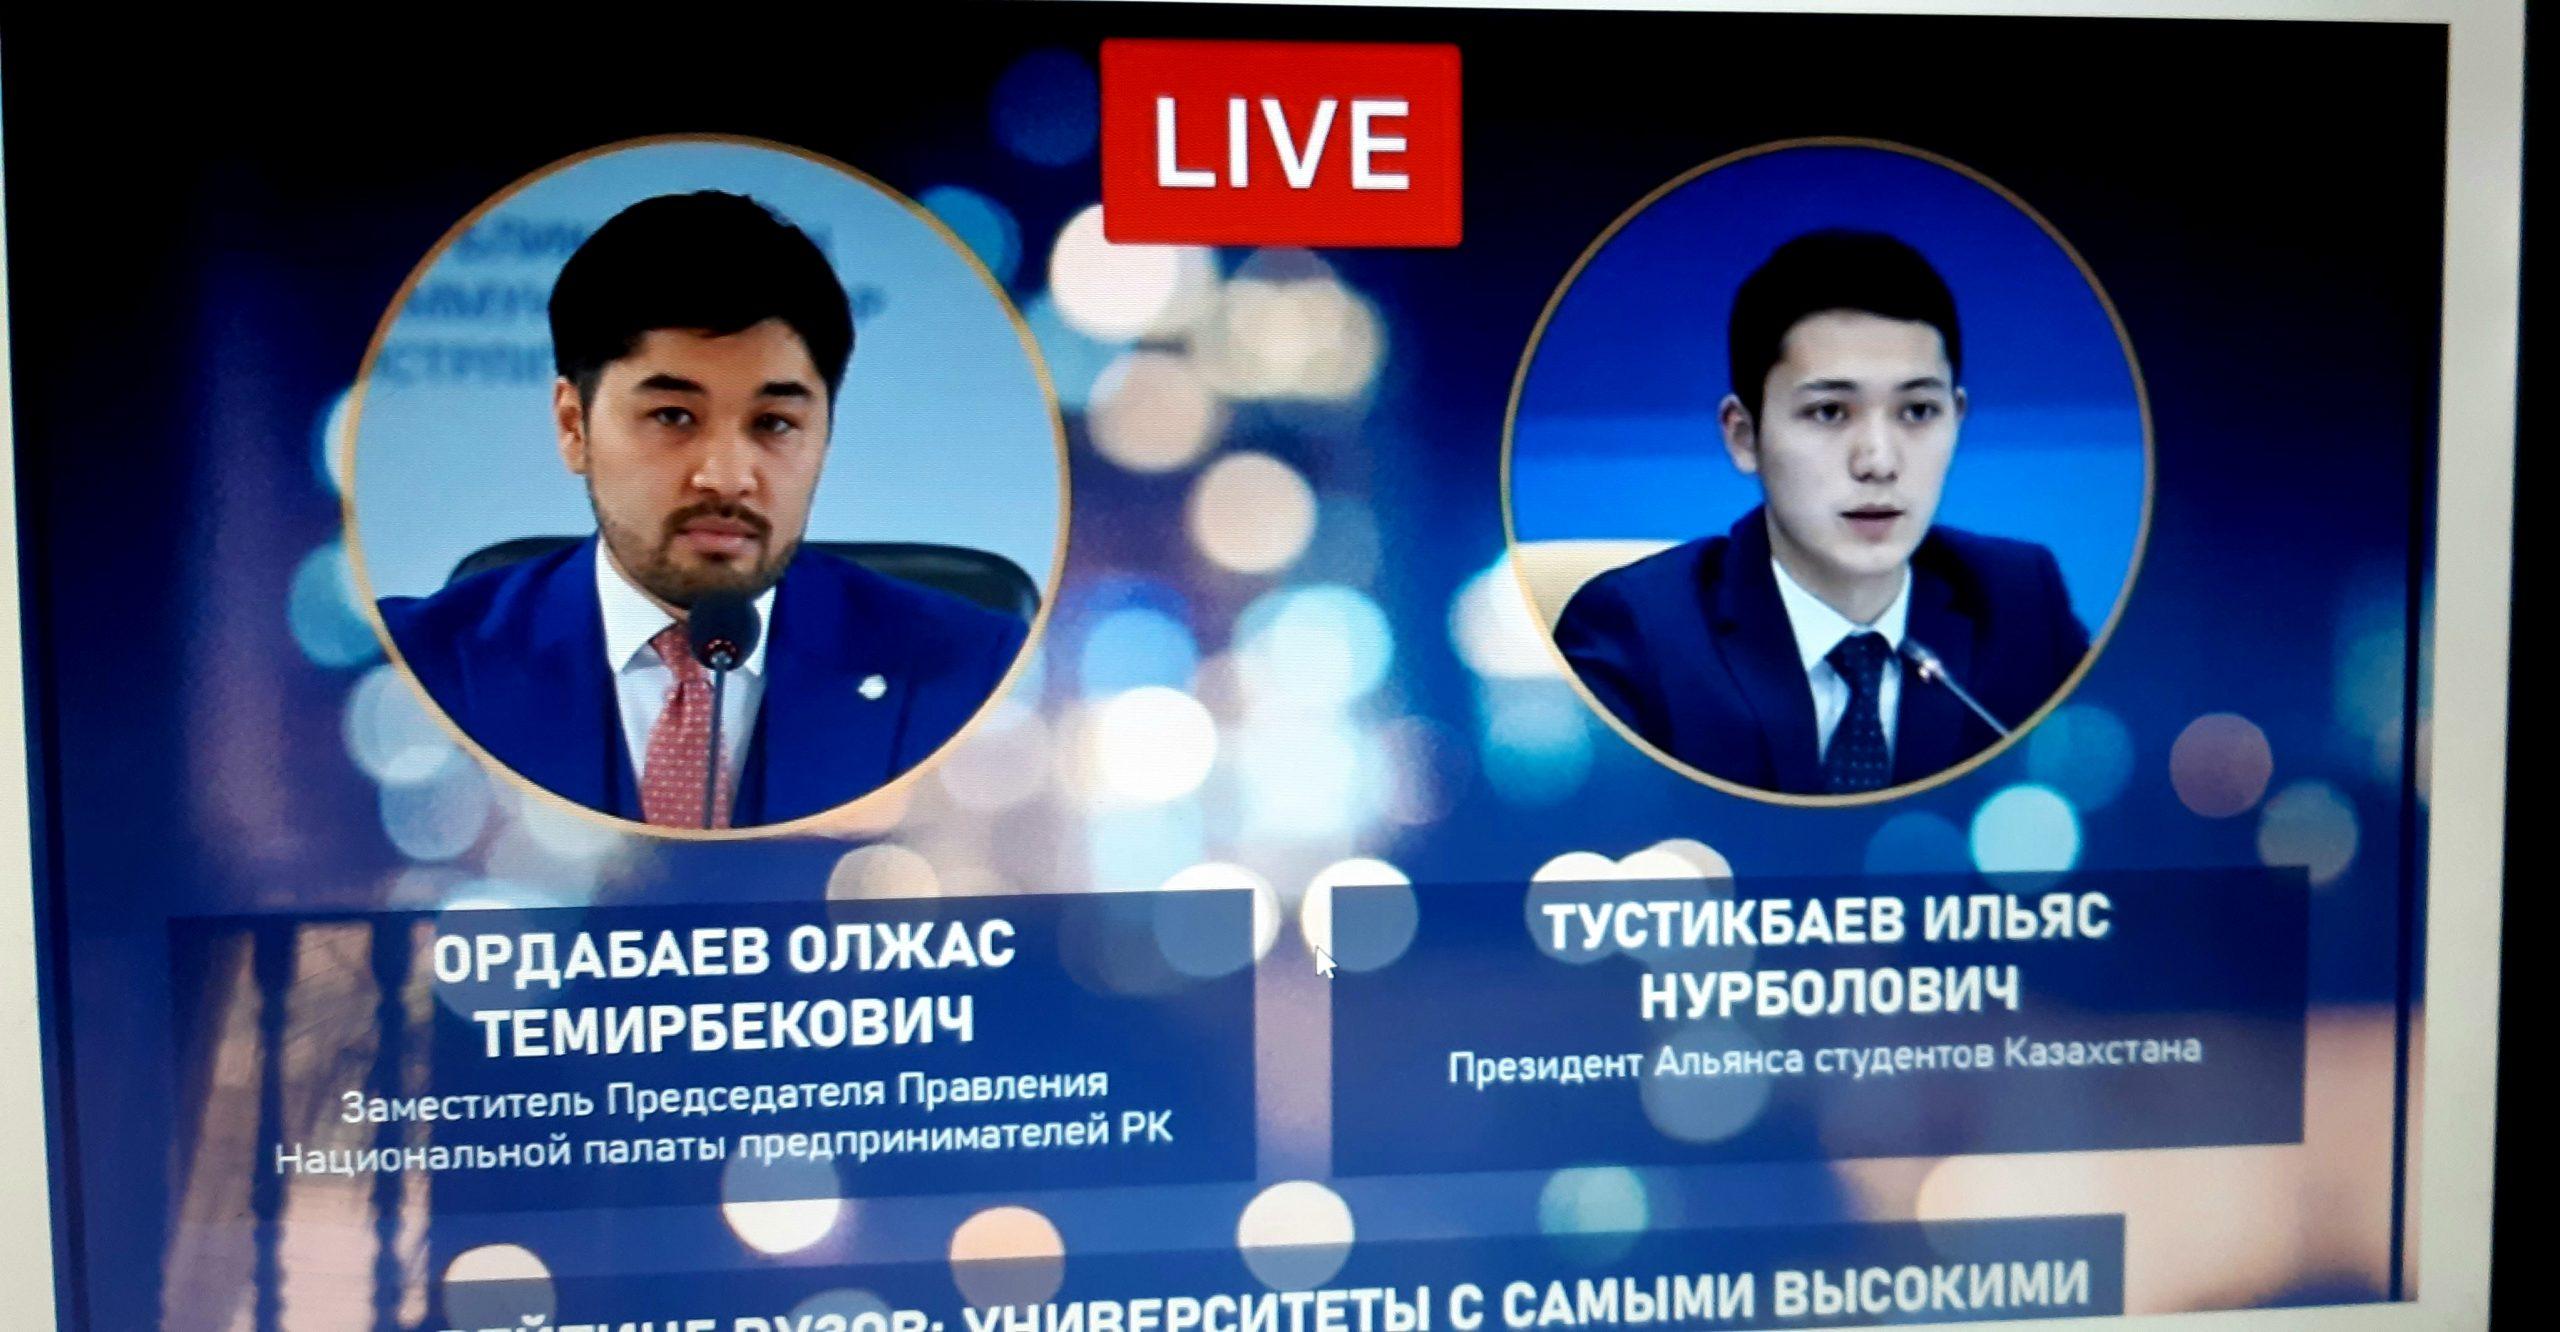 НПП РК  «Атамекен» и Альянс студентов Казахстана сообщили итоги рейтингов  работы вузов